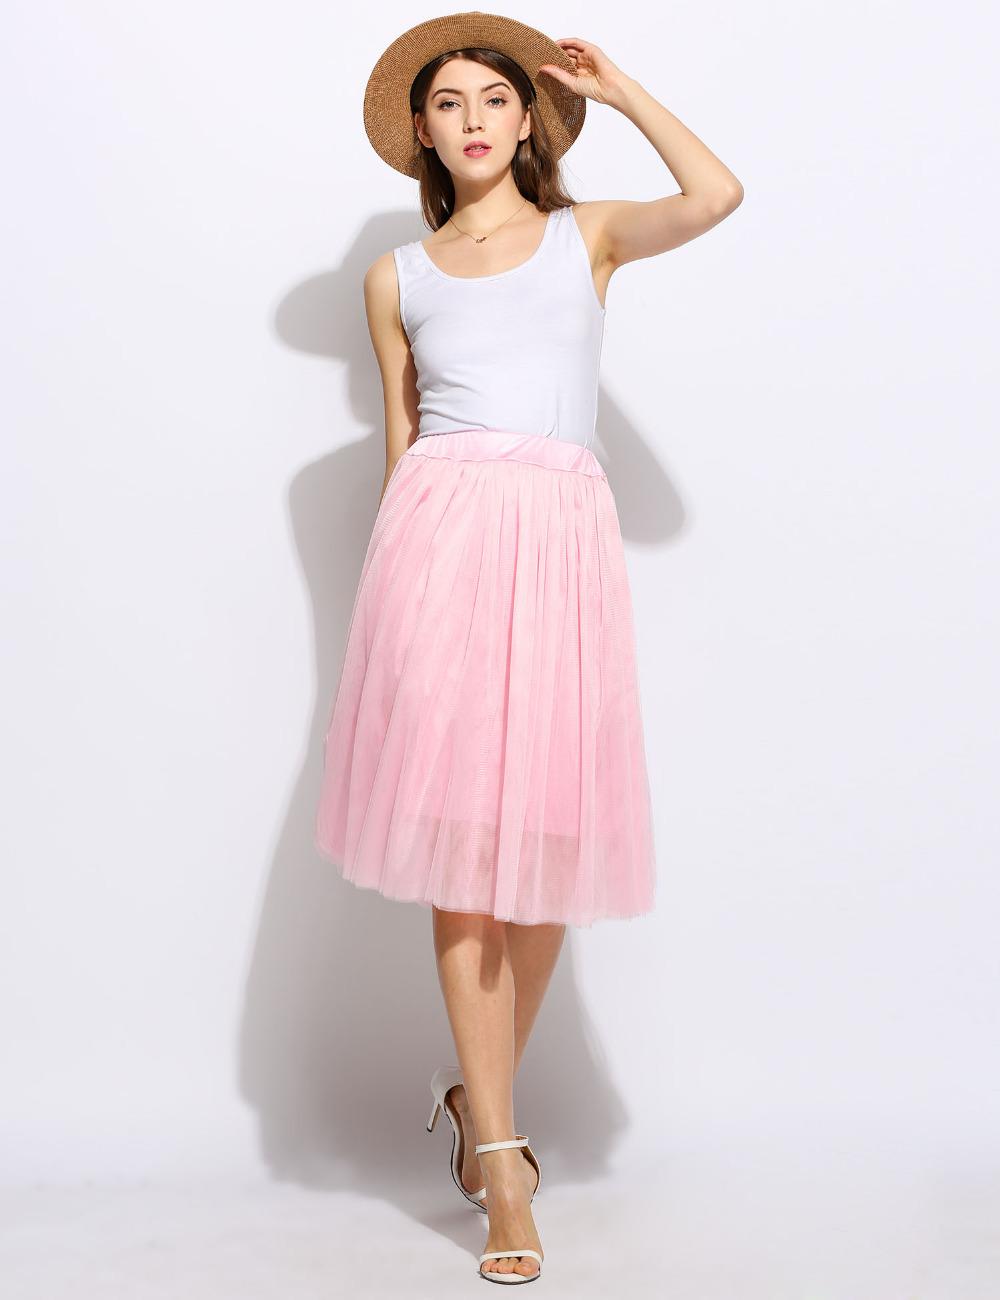 Excepcional Vestido De Boda Consigna Denver Imágenes - Ideas de ...